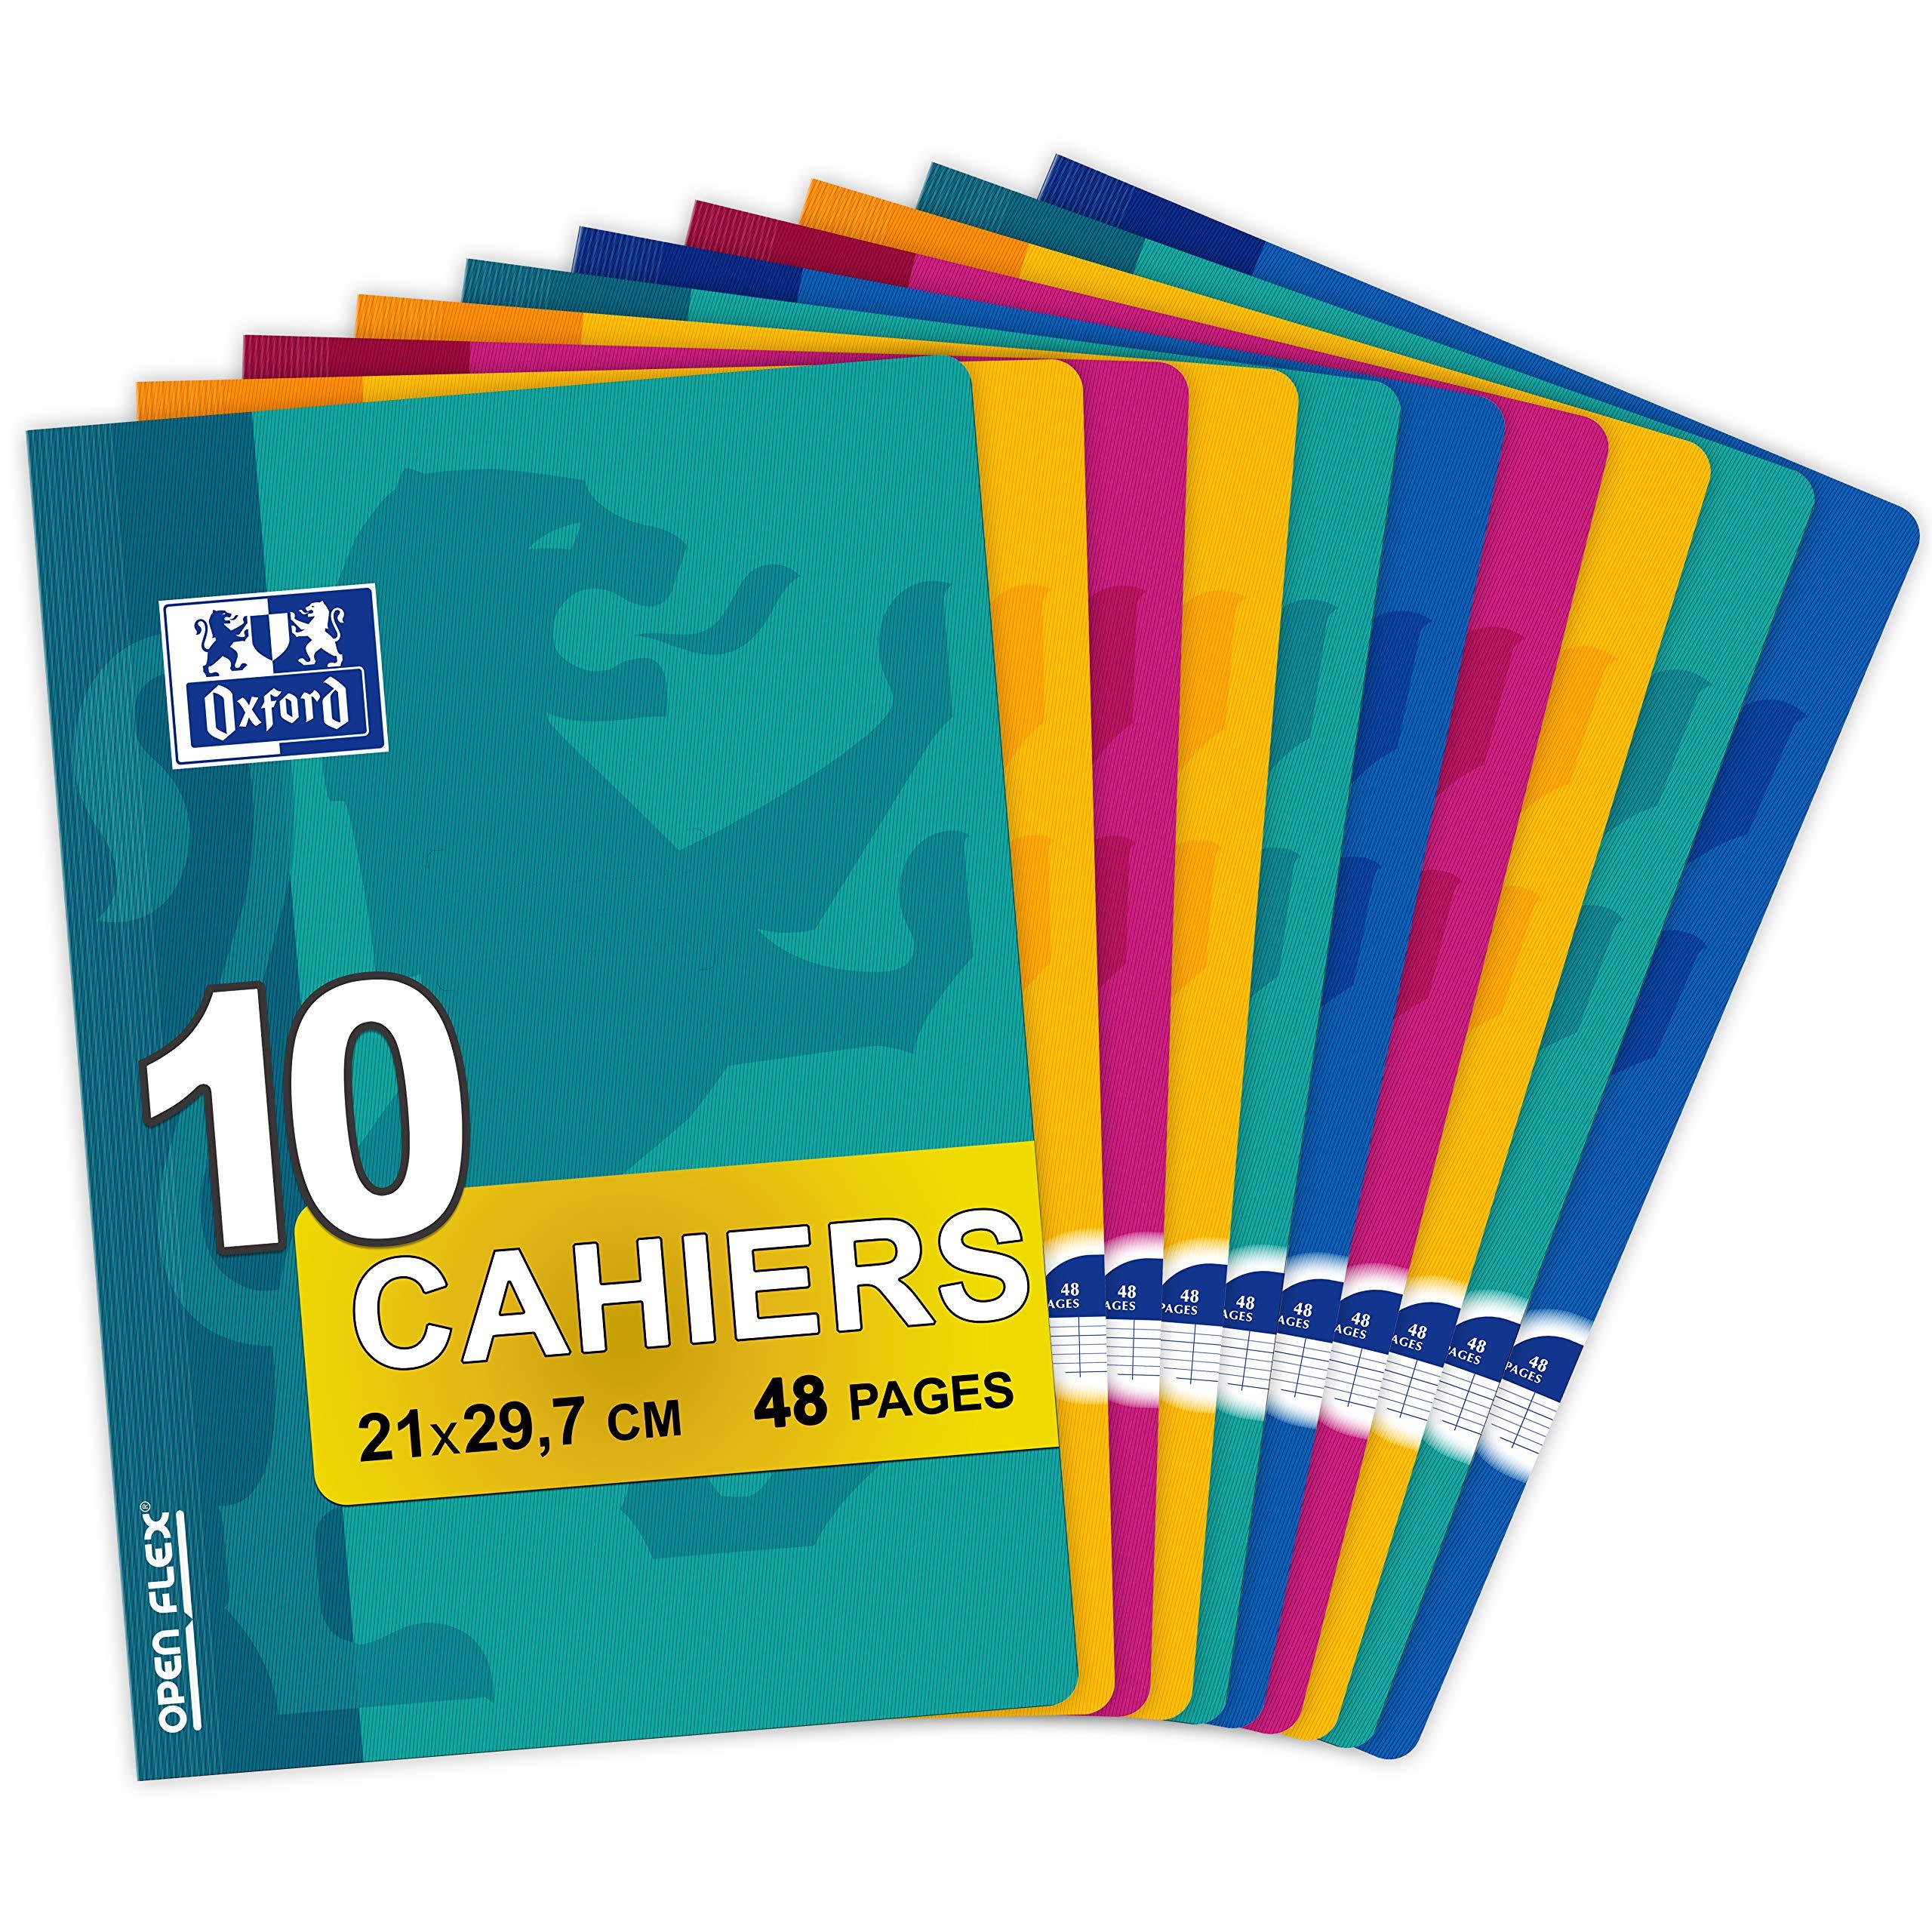 Oxford OpenFlex – Juego de 10 cuadernos A4, hojas, 48 páginas, colores surtidos: Amazon.es: Oficina y papelería